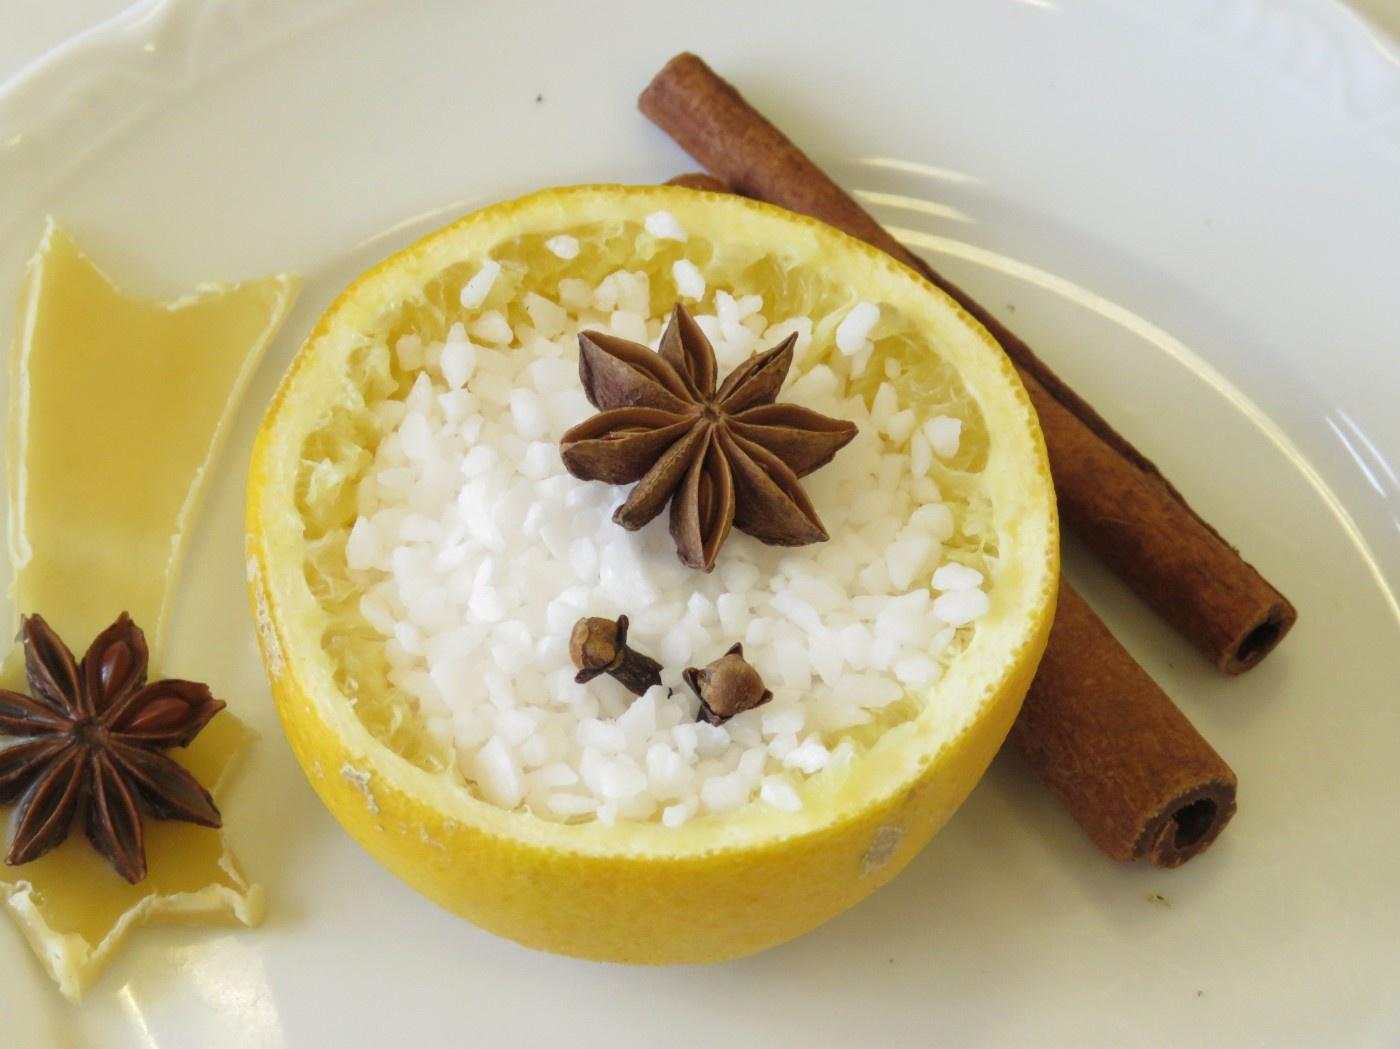 Duftobstschale: Orange gefüllt mit Salz, Sternanis und Zimt